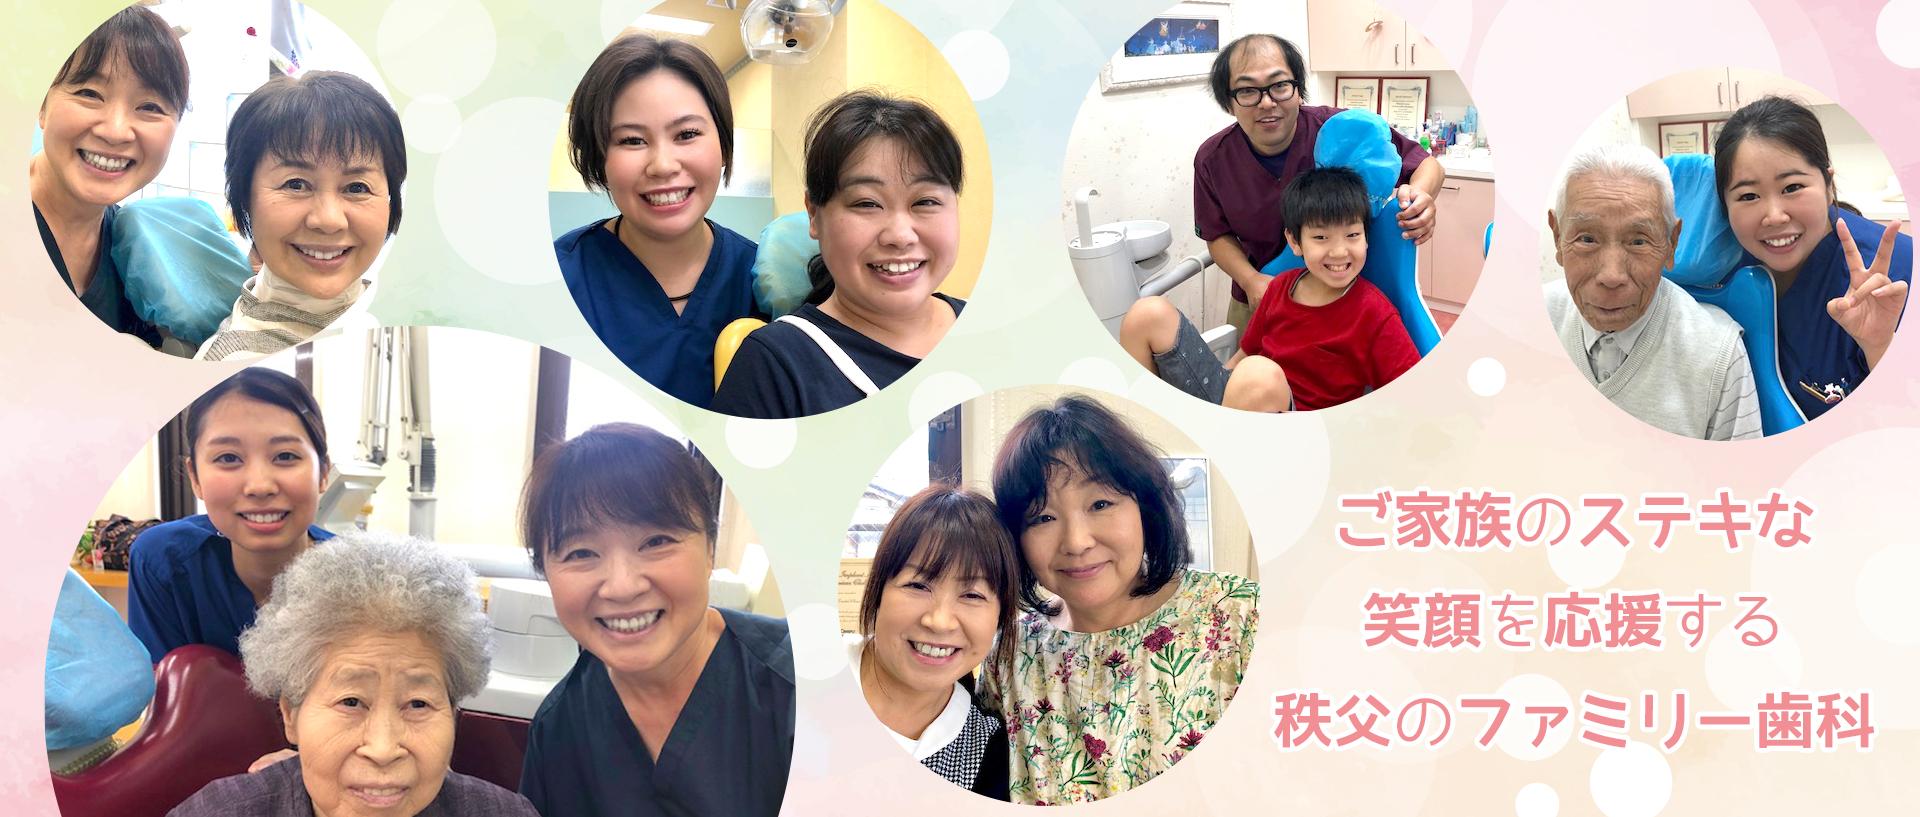 ご家族のステキな笑顔を応援する 秩父のファミリー歯科